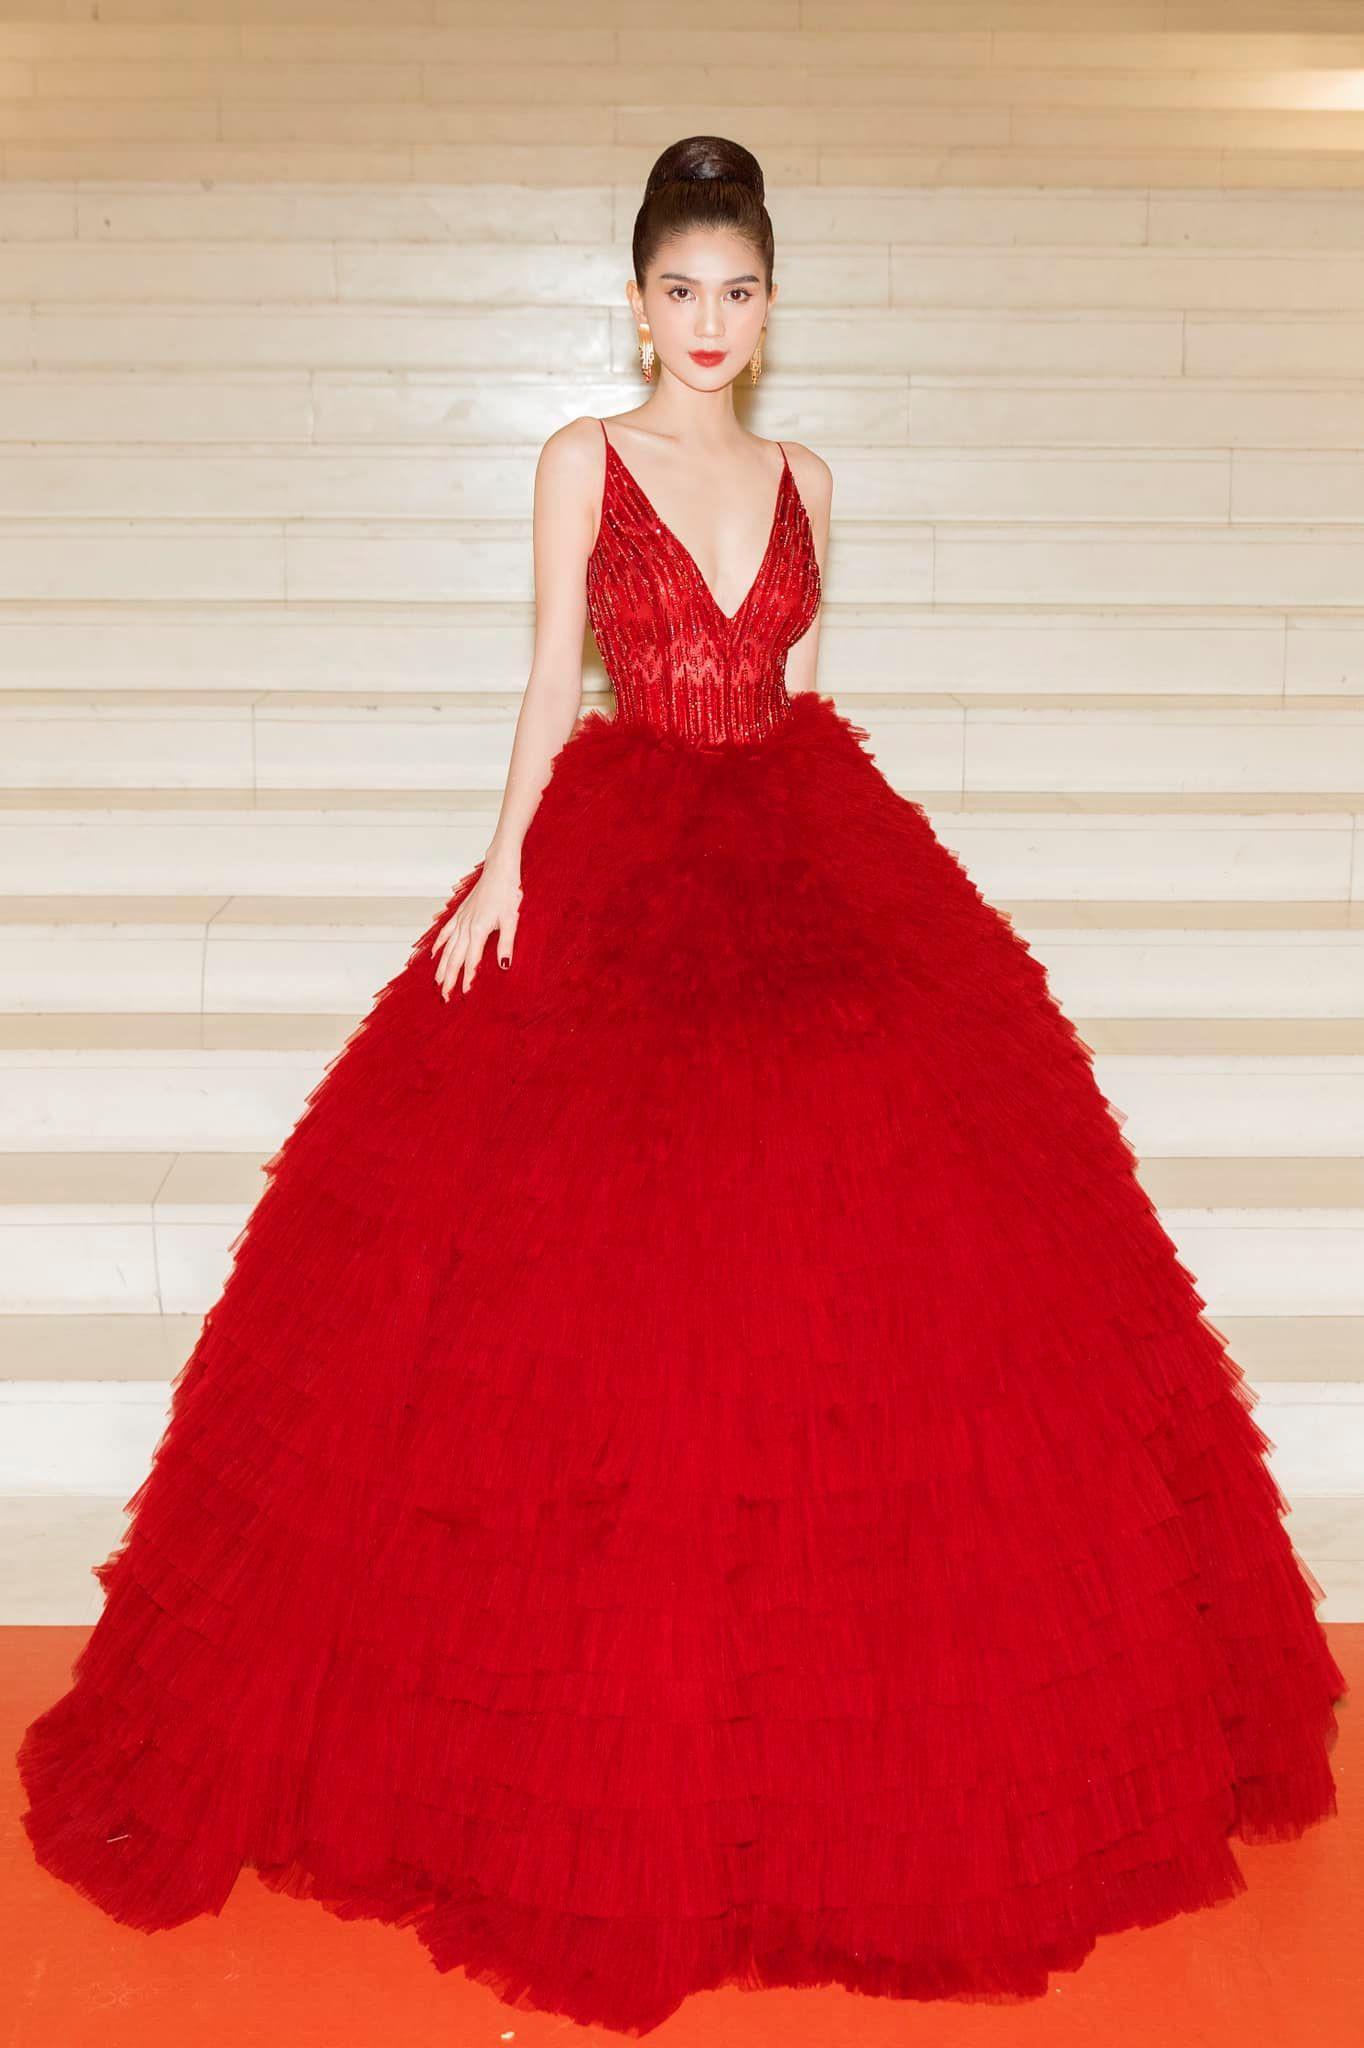 Chán hở bạo, Ngọc Trinh diện váy đỏ hóa thành công chúa lộng lẫy Ảnh 7